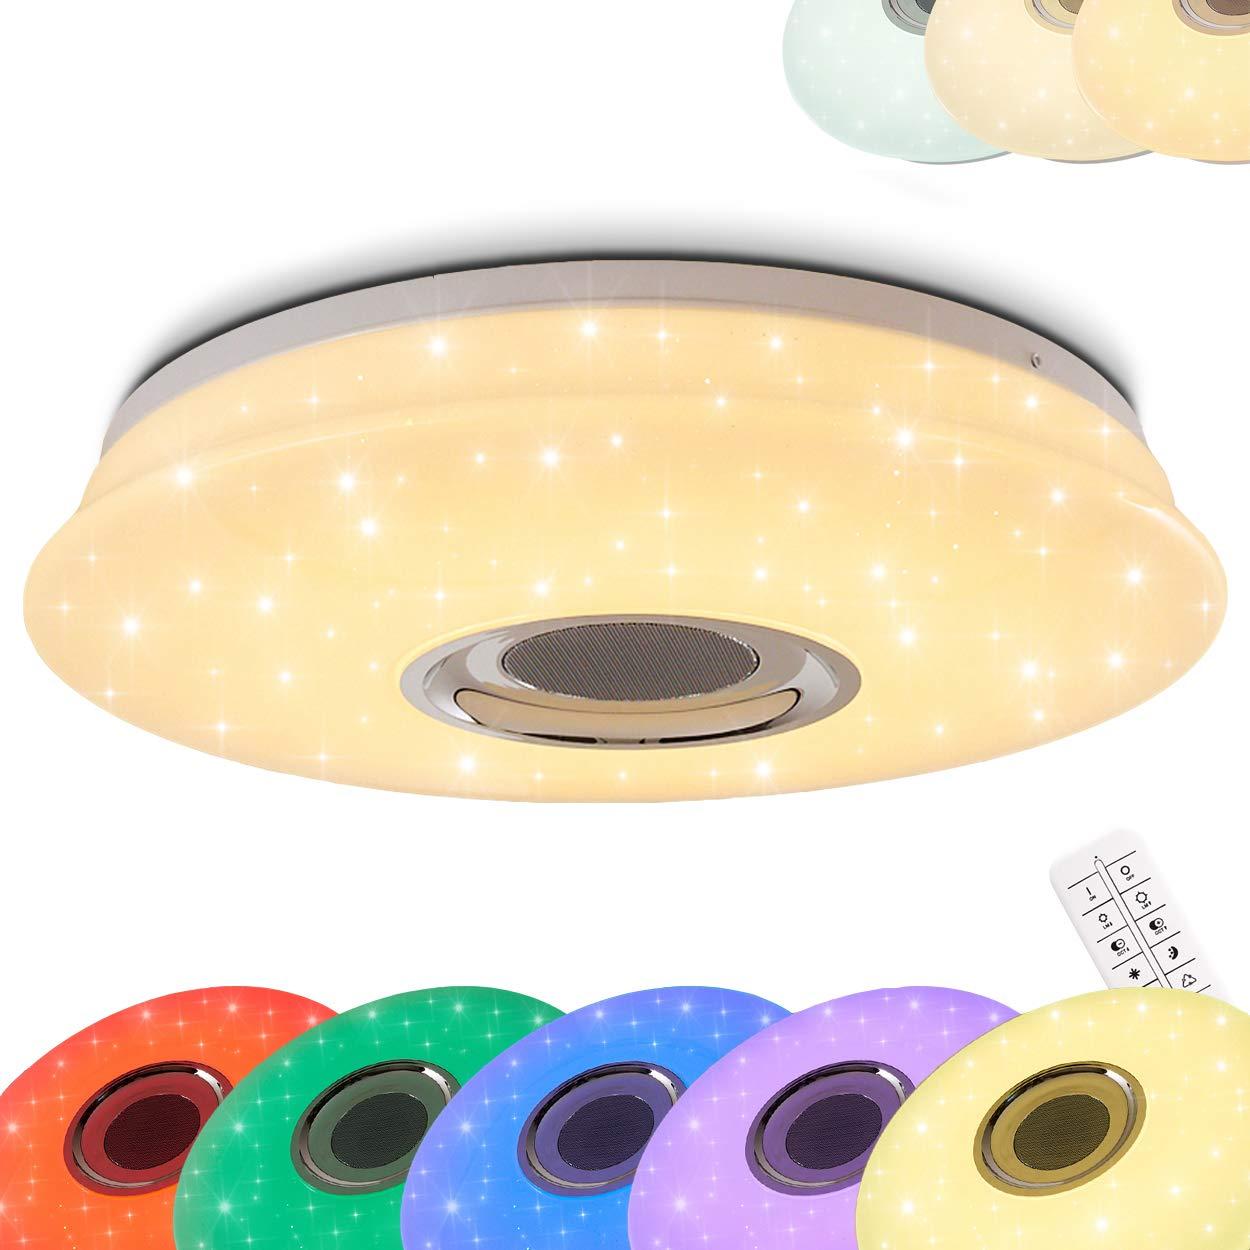 Runde LED Deckenleuchte Hemlo mit Sternen - inkl. RGB Farbwechsler und Bluetooth Lautsprecher - Deckenspot mit Fernbedienung und farbigem Licht - 3000 Kelvin - 1400 Lumen - [Energieklasse A+] hofstein H3001332